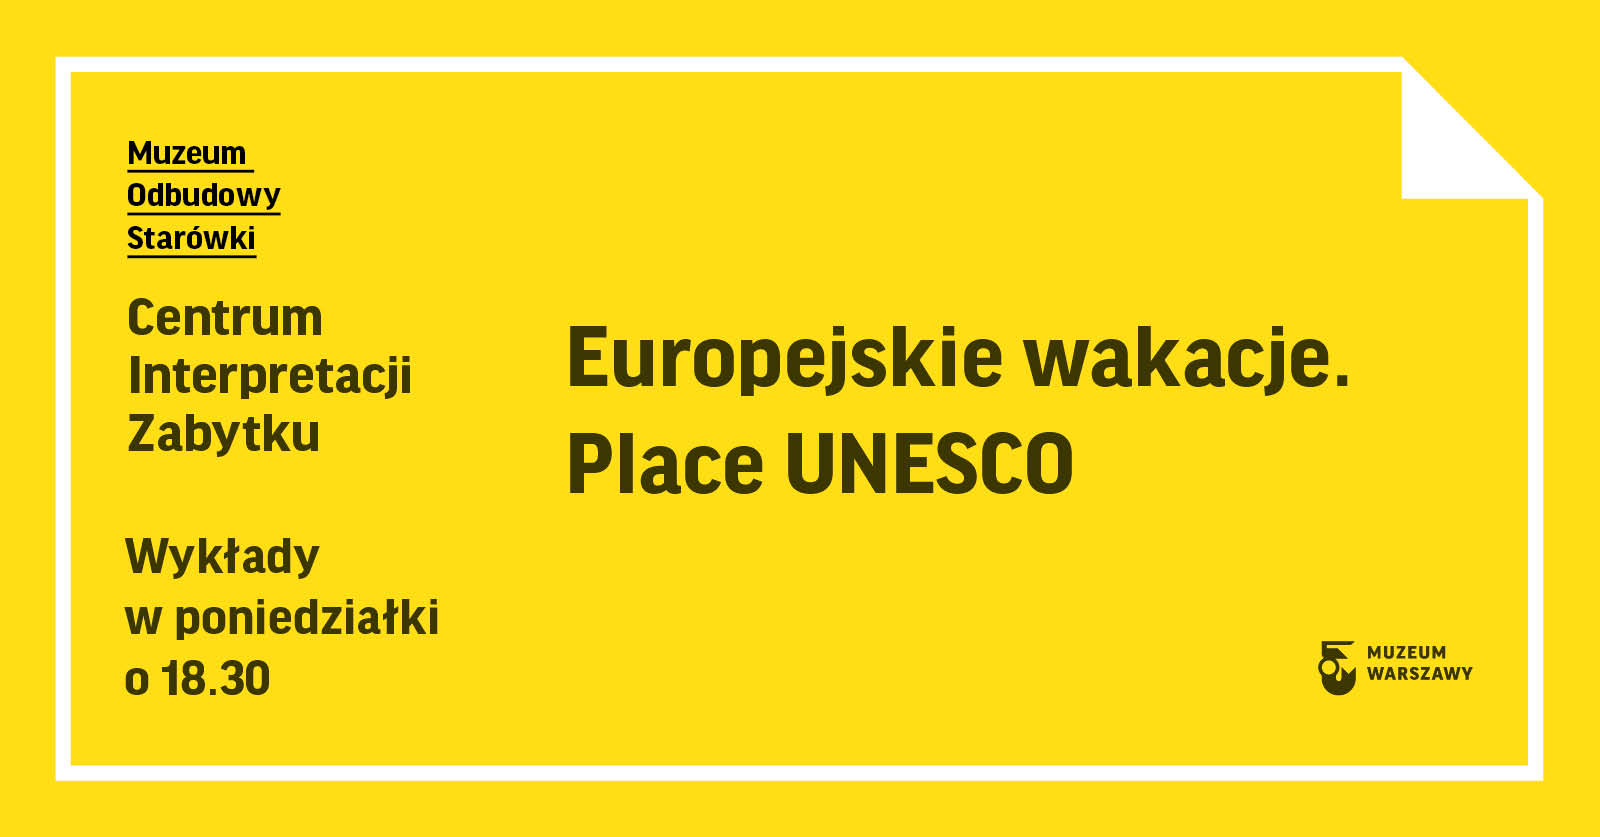 grafika z napisem europejskie wakacje. Place unesco